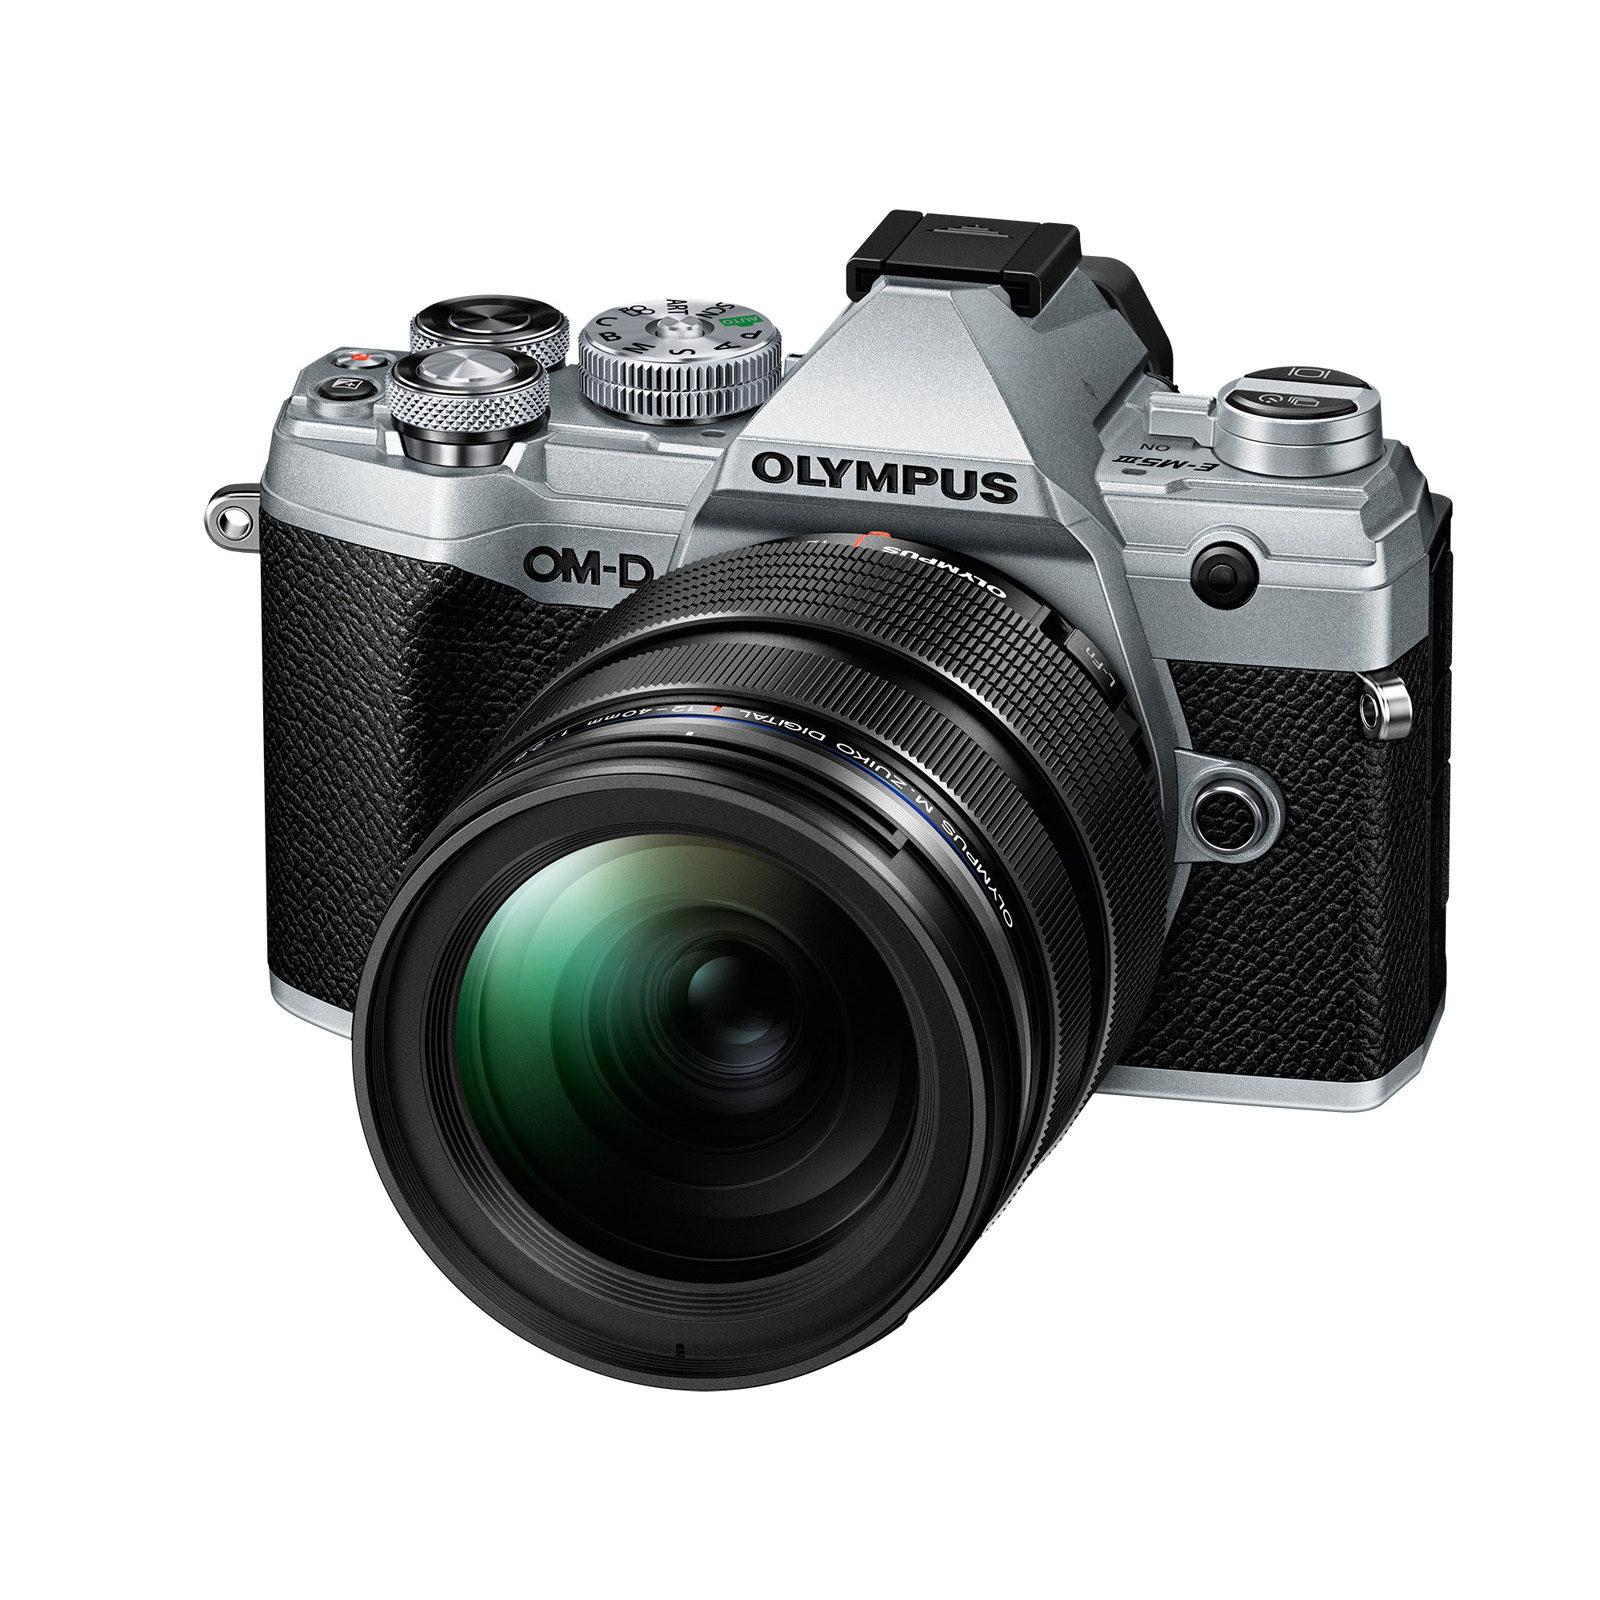 Olympus OM-D E-M5 Mark III systeemcamera Zilver + 12-40mm Zwart <br/>€ 1899.00 <br/> <a href='https://www.cameranu.nl/fotografie/?tt=12190_474631_241358_&r=https%3A%2F%2Fwww.cameranu.nl%2Fnl%2Fp3130127%2Folympus-om-d-e-m5-mark-iii-systeemcamera-zilver-12-40mm-zwart%3Fchannable%3De10841.MzEzMDEyNw%26utm_campaign%3D%26utm_content%3DOM-D%2Bserie%26utm_source%3DTradetracker%26utm_medium%3Dcpc%26utm_term%3DDigitale%2Bcamera%26apos%3Bs' target='_blank'>naar de winkel</a>